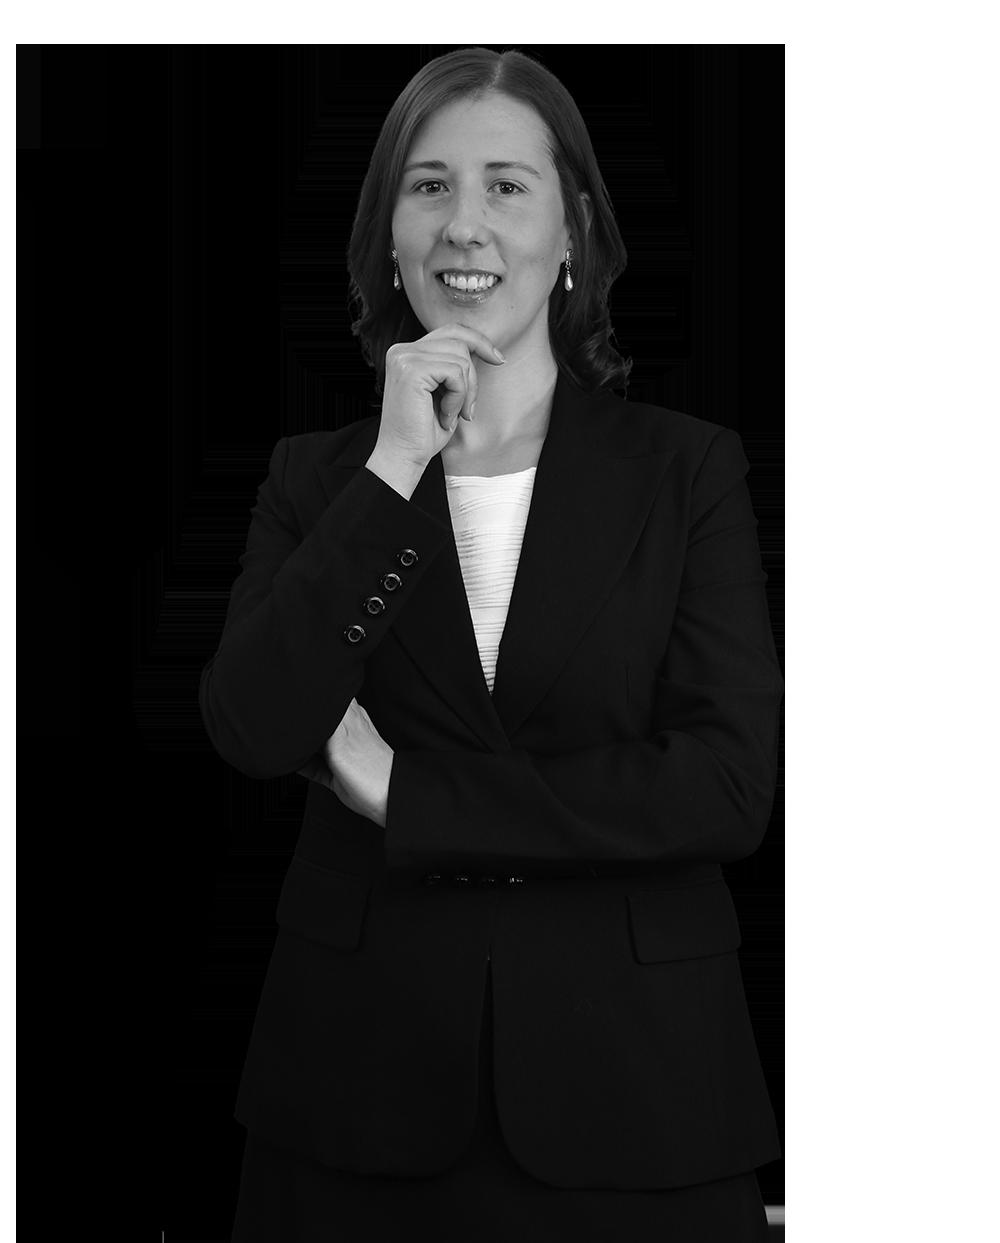 Me Émilie Chevrier, avocate | Membre de l'équipe Barrette & Associés | Avocats